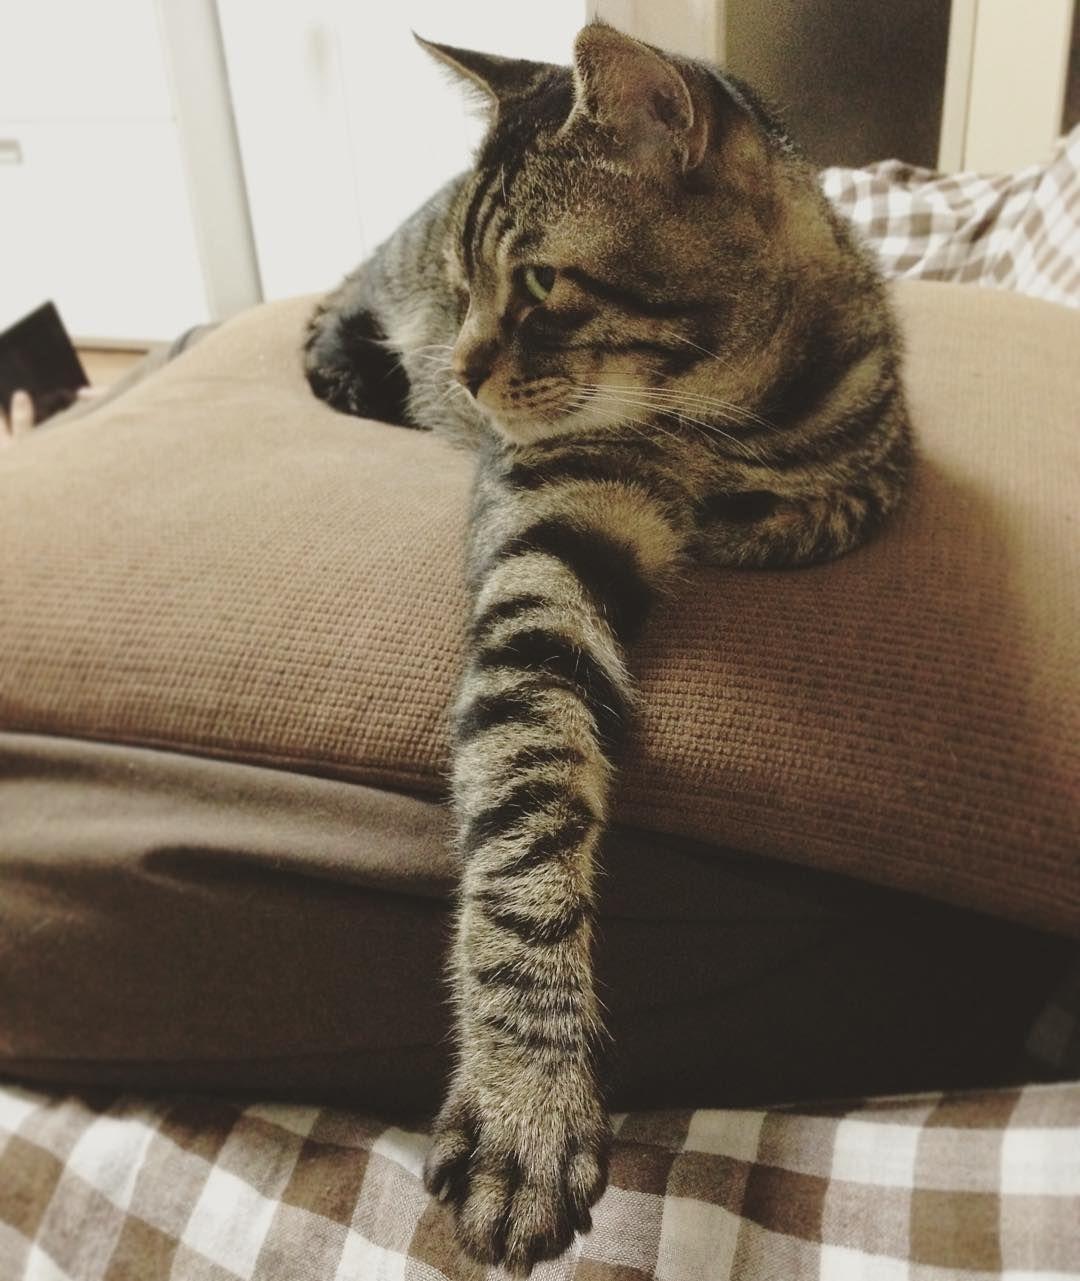 夜ムサシ誘う右脚Handshake? #musashi #mck #cat #キジトラ #ムサシさん by _daisy